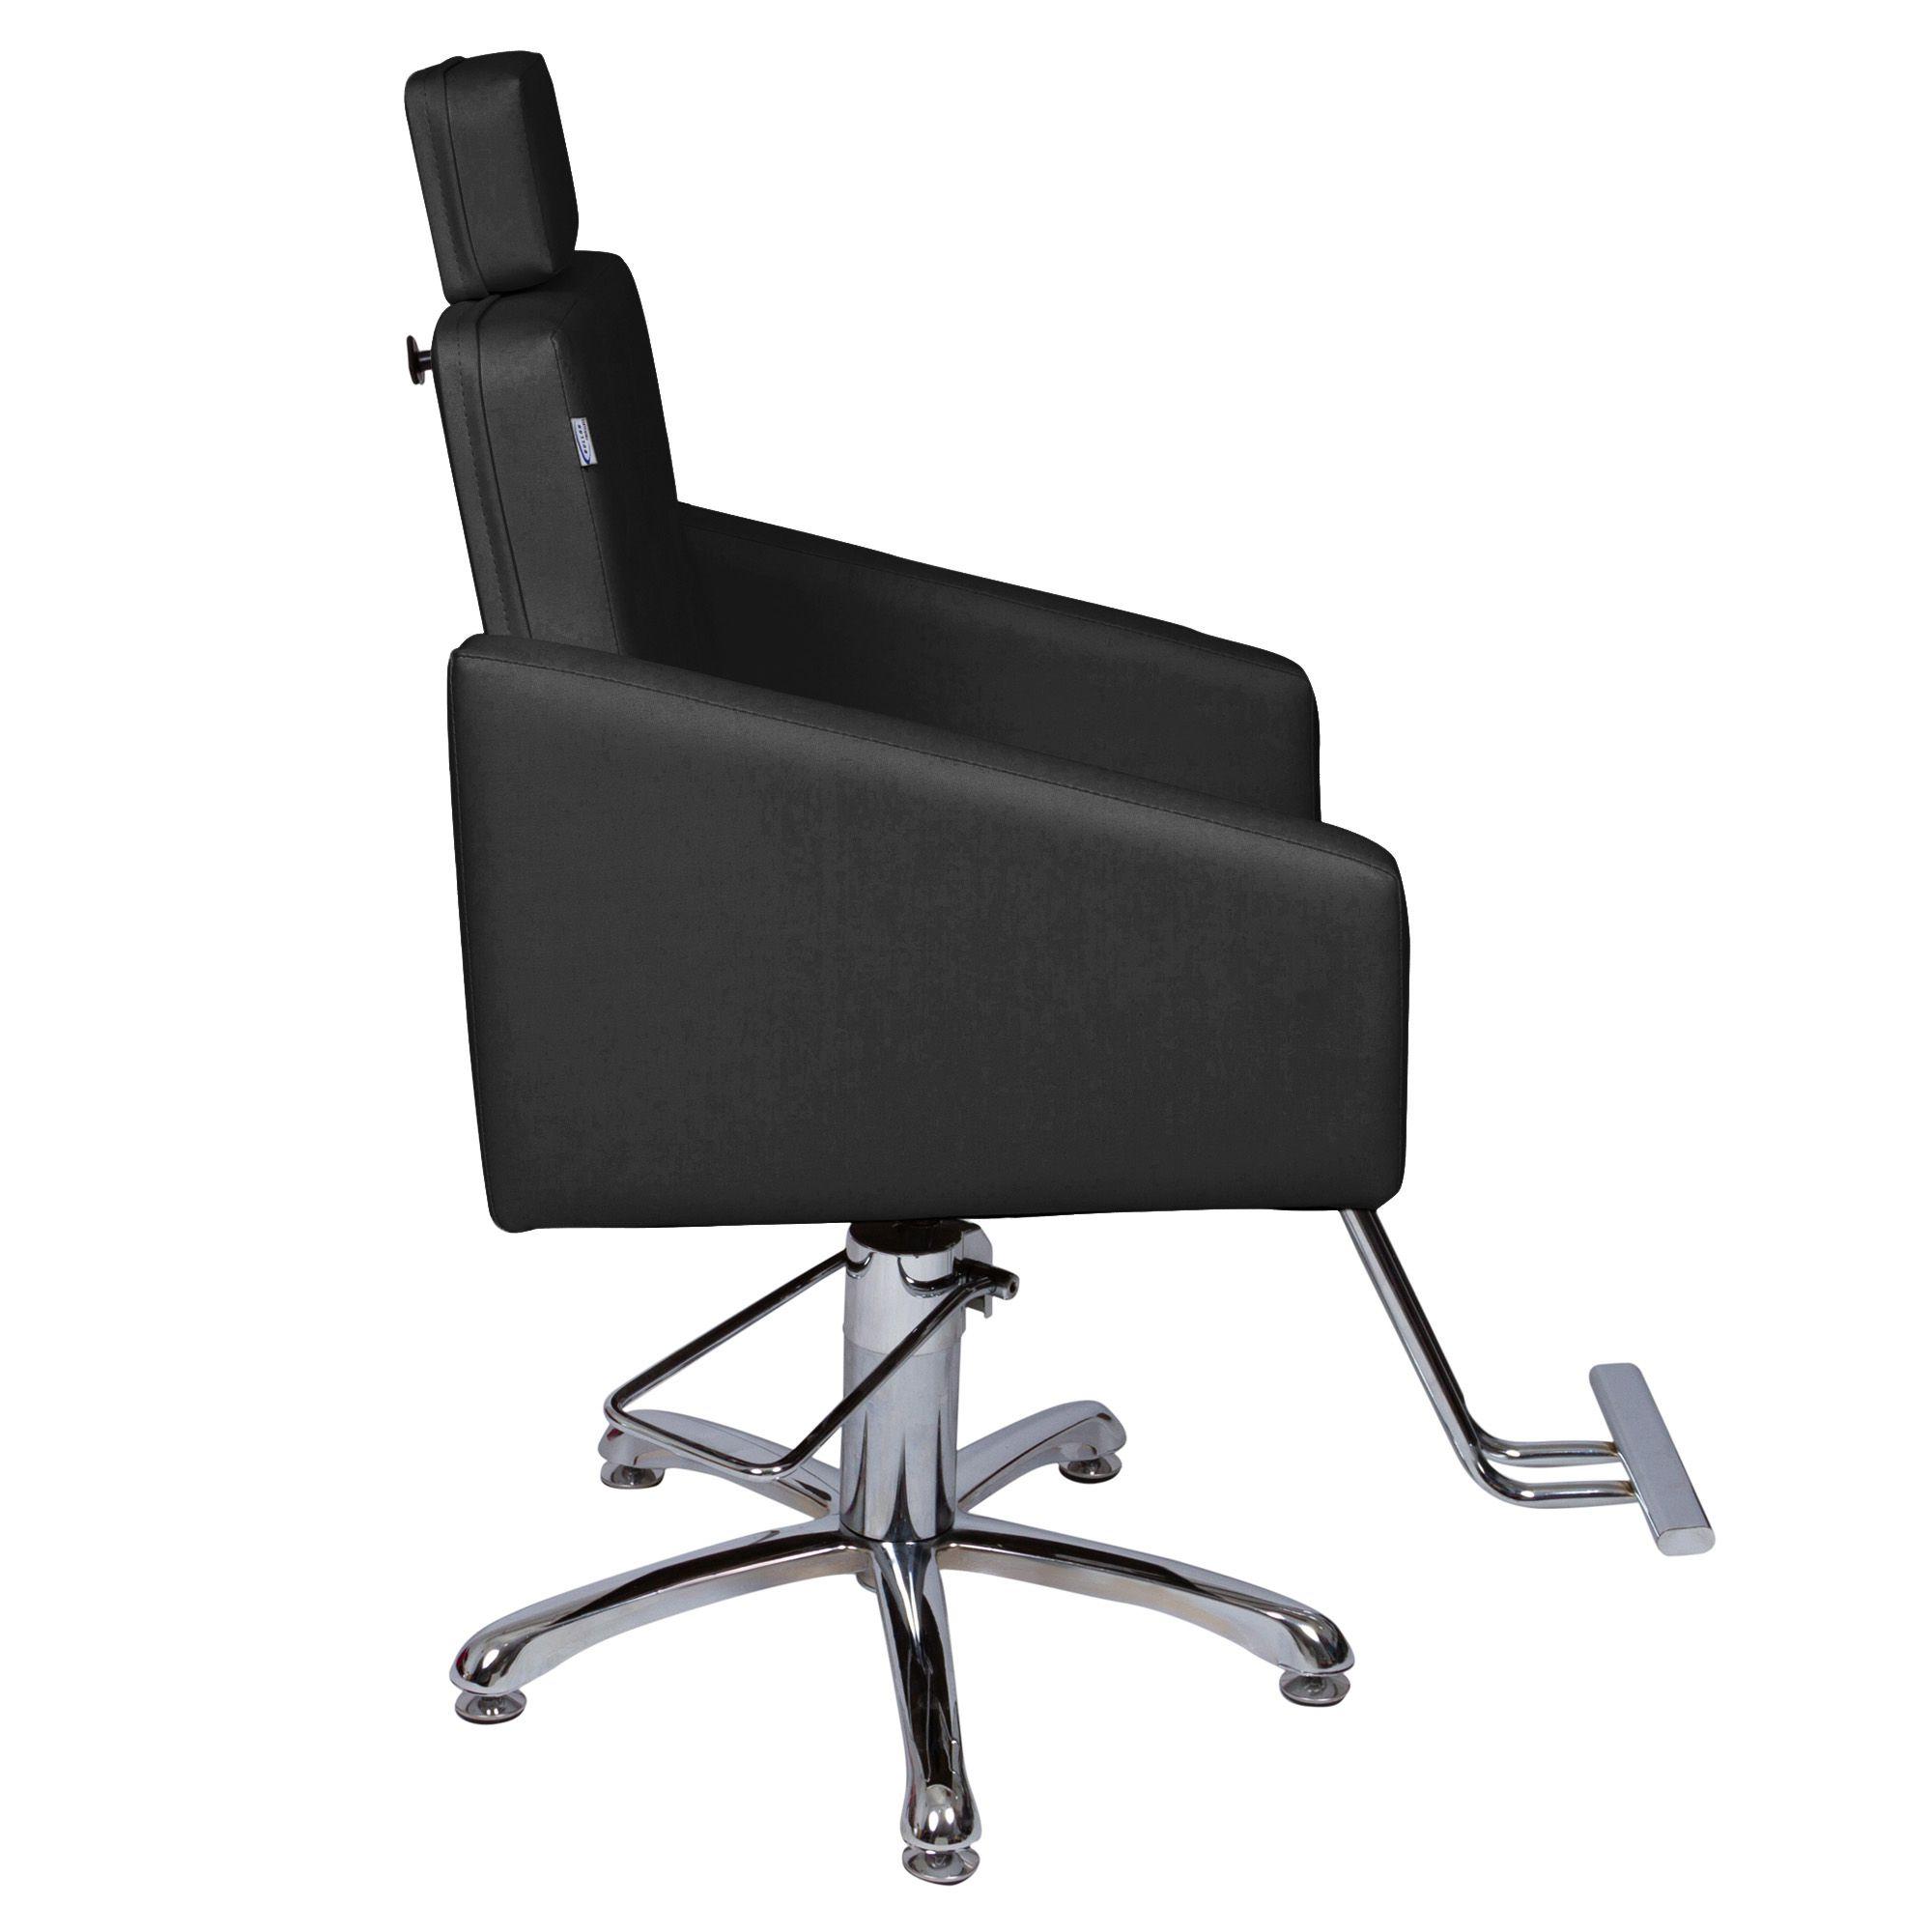 Poltrona Cadeira Hidráulica Diamante Fixa Para Salão